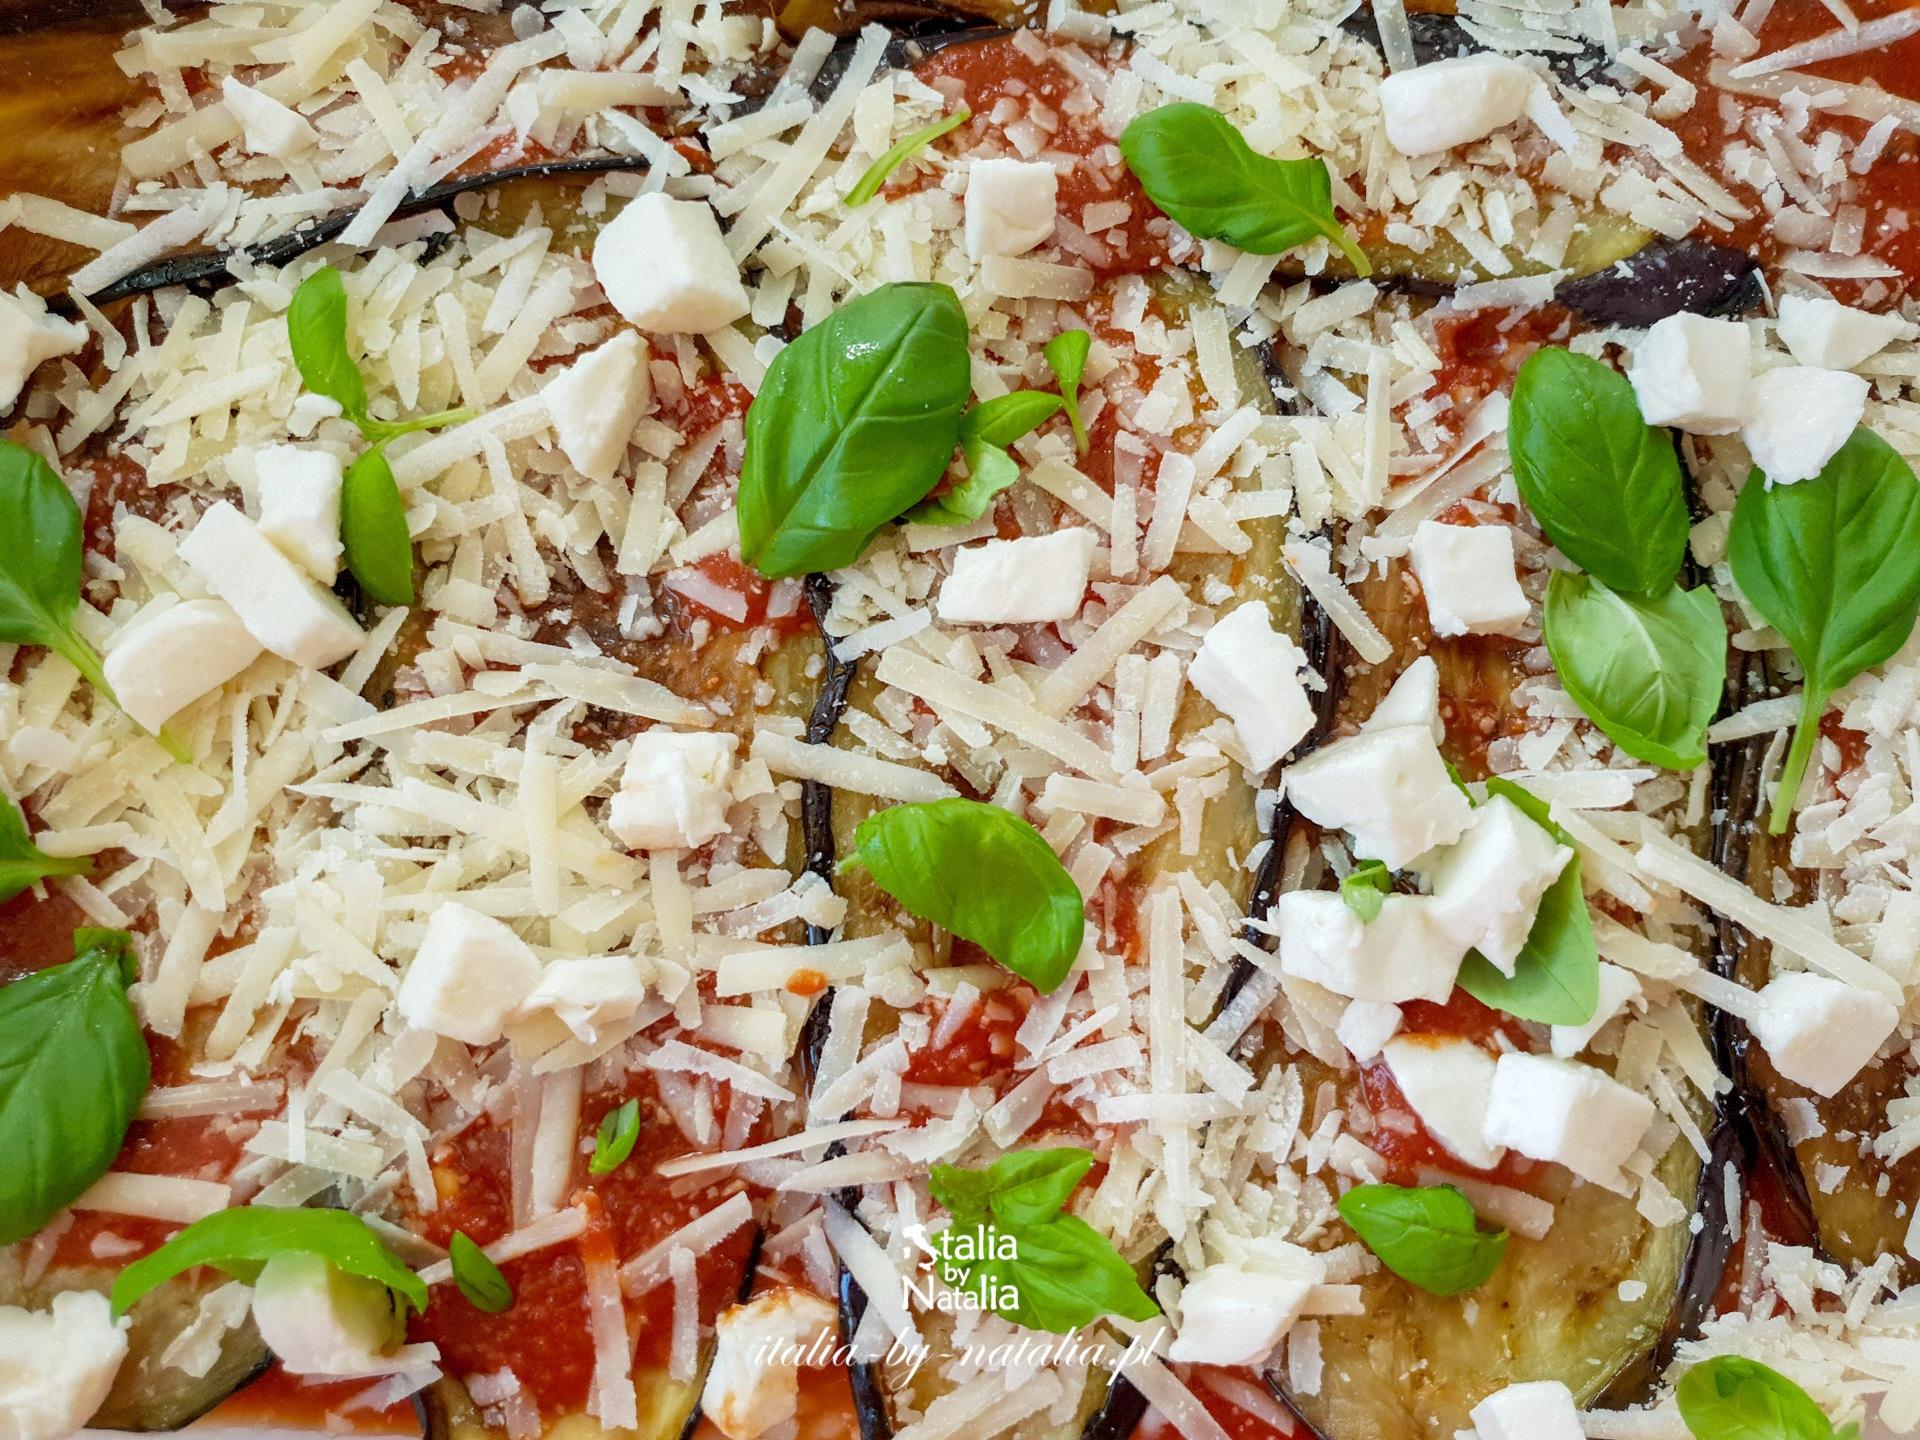 Parmigiana di melanzane włoski przepis na wegetariańską zapiekankę z bakłażana, sera i pomidorów